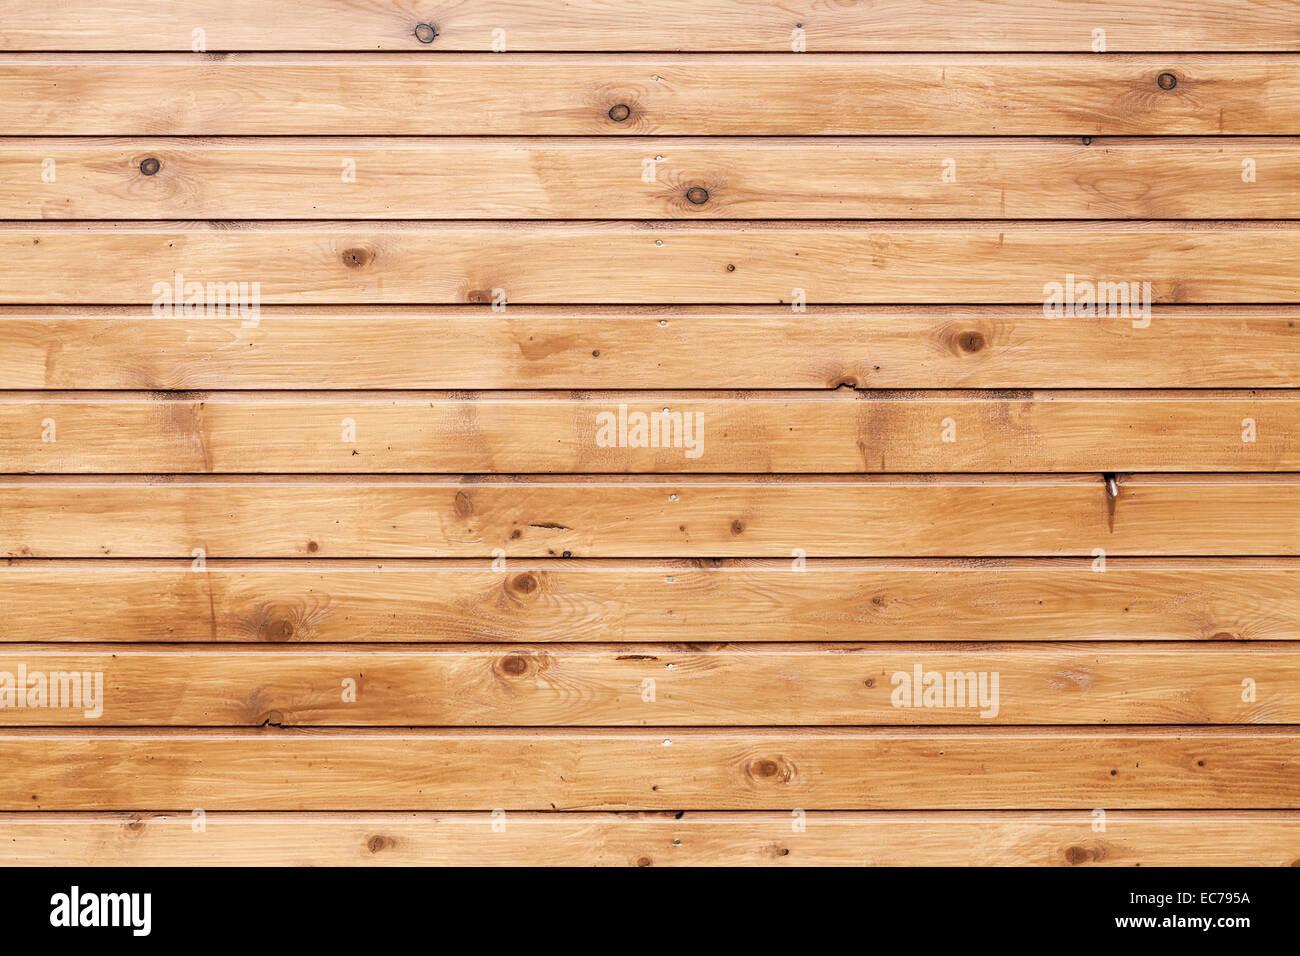 la texture de fond en bois naturel sans couleur mur de planches doublure banque d 39 images photo. Black Bedroom Furniture Sets. Home Design Ideas